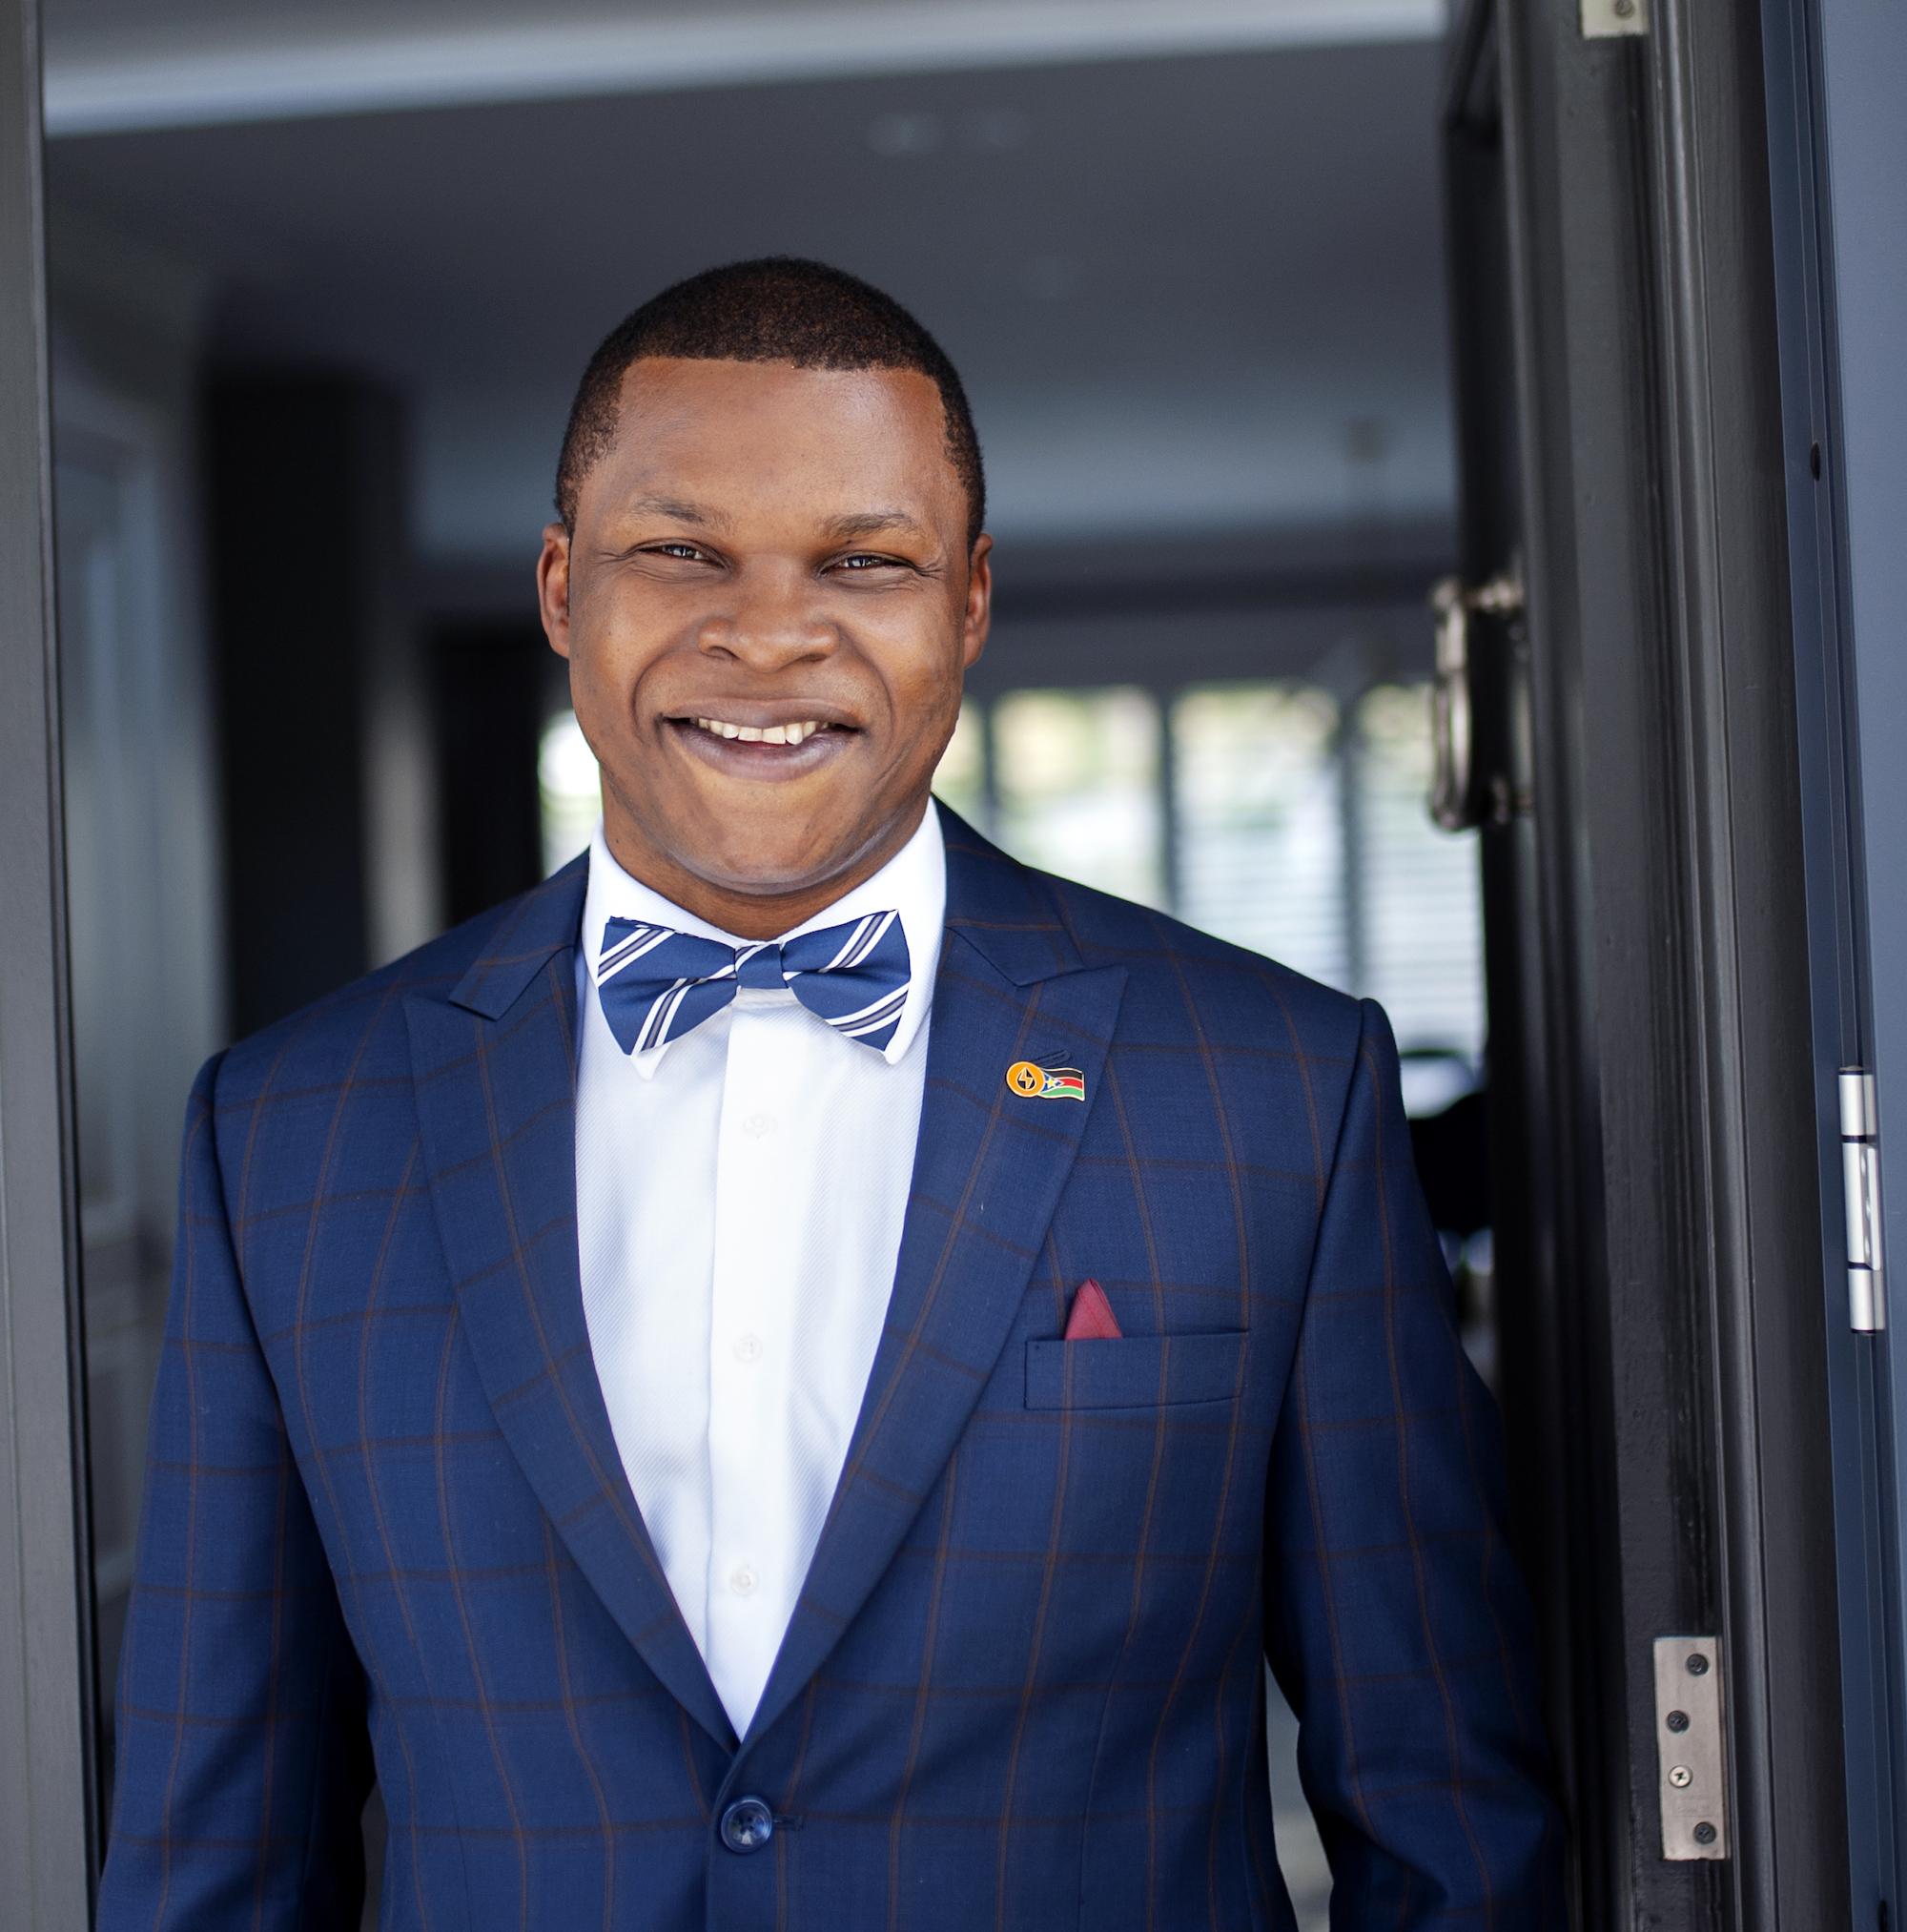 NJ Ayuk est le fondateur et le PDG du cabinet juridique de Centurion et le Président de la Chambre africaine de l'énergie. Source: Centurion Law Group.